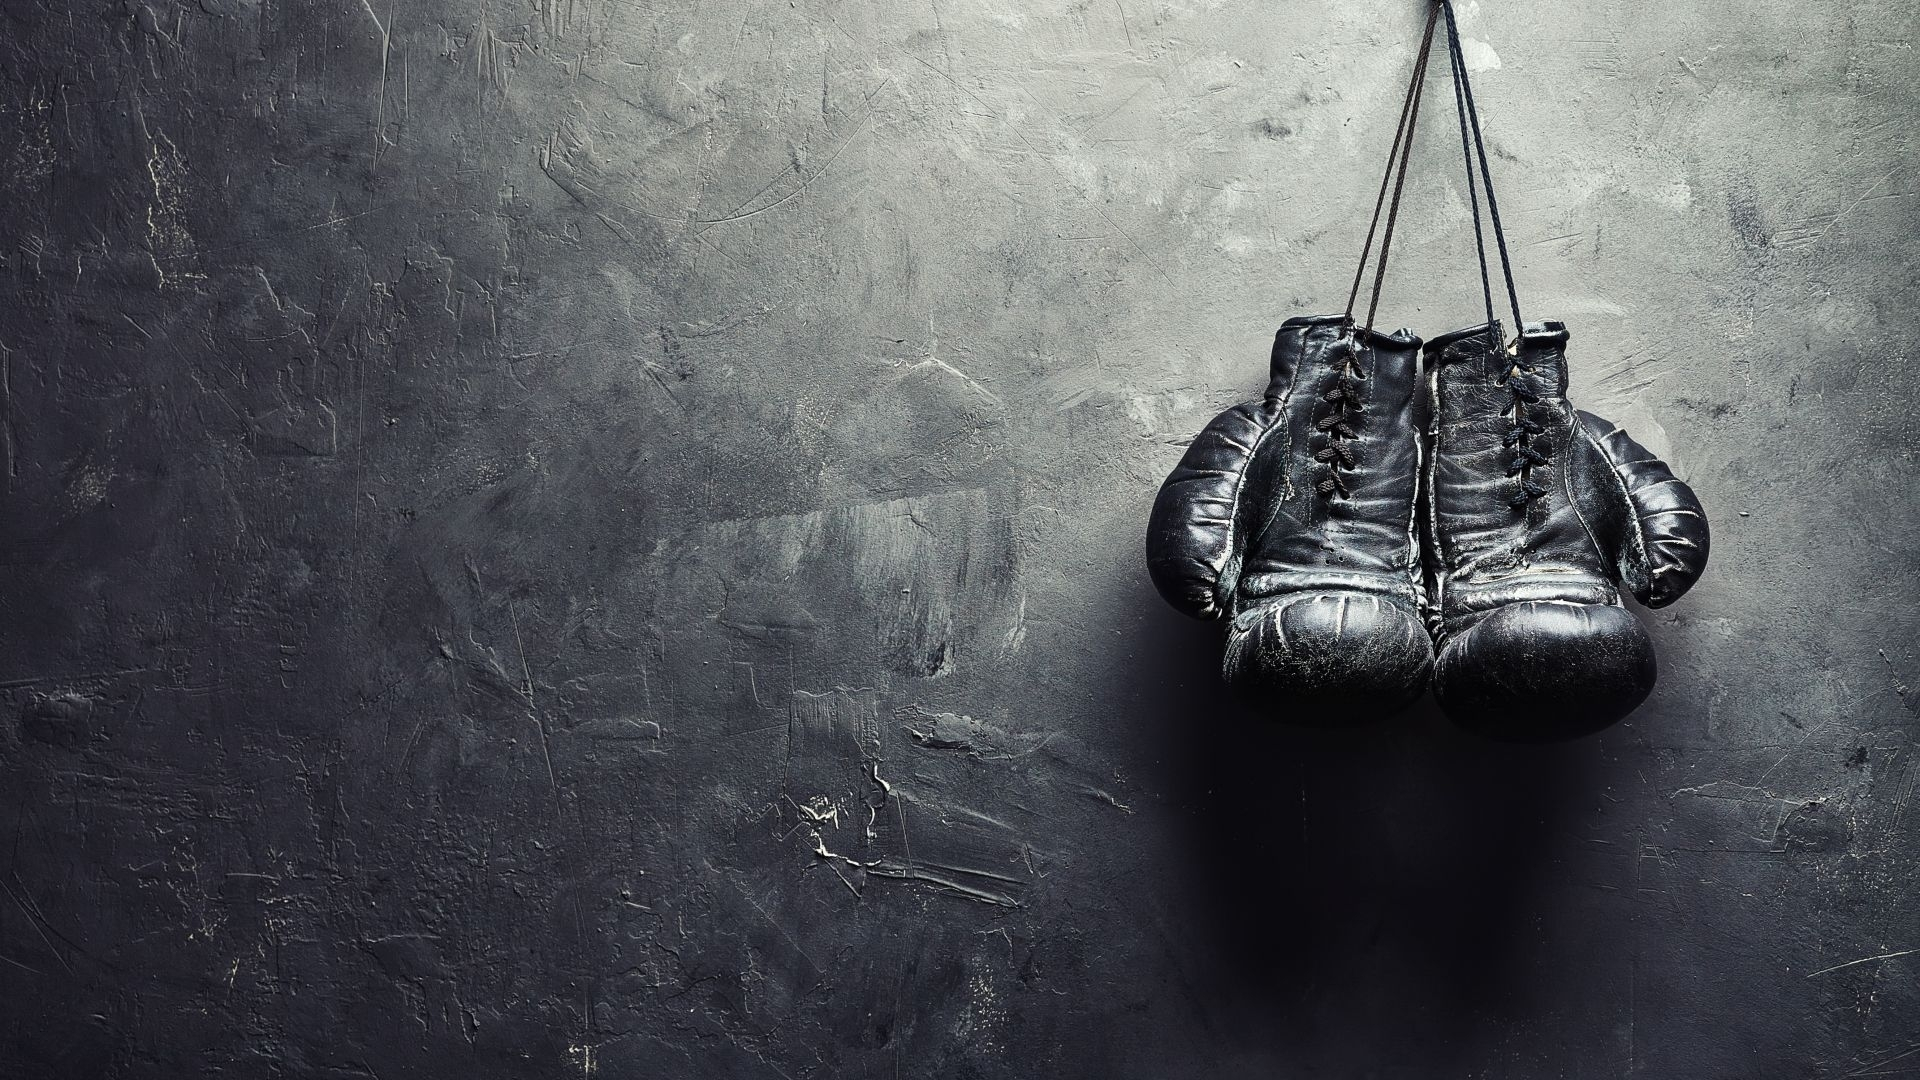 10 New Hanging Boxing Gloves Wallpaper FULL HD 1920×1080 For PC Desktop